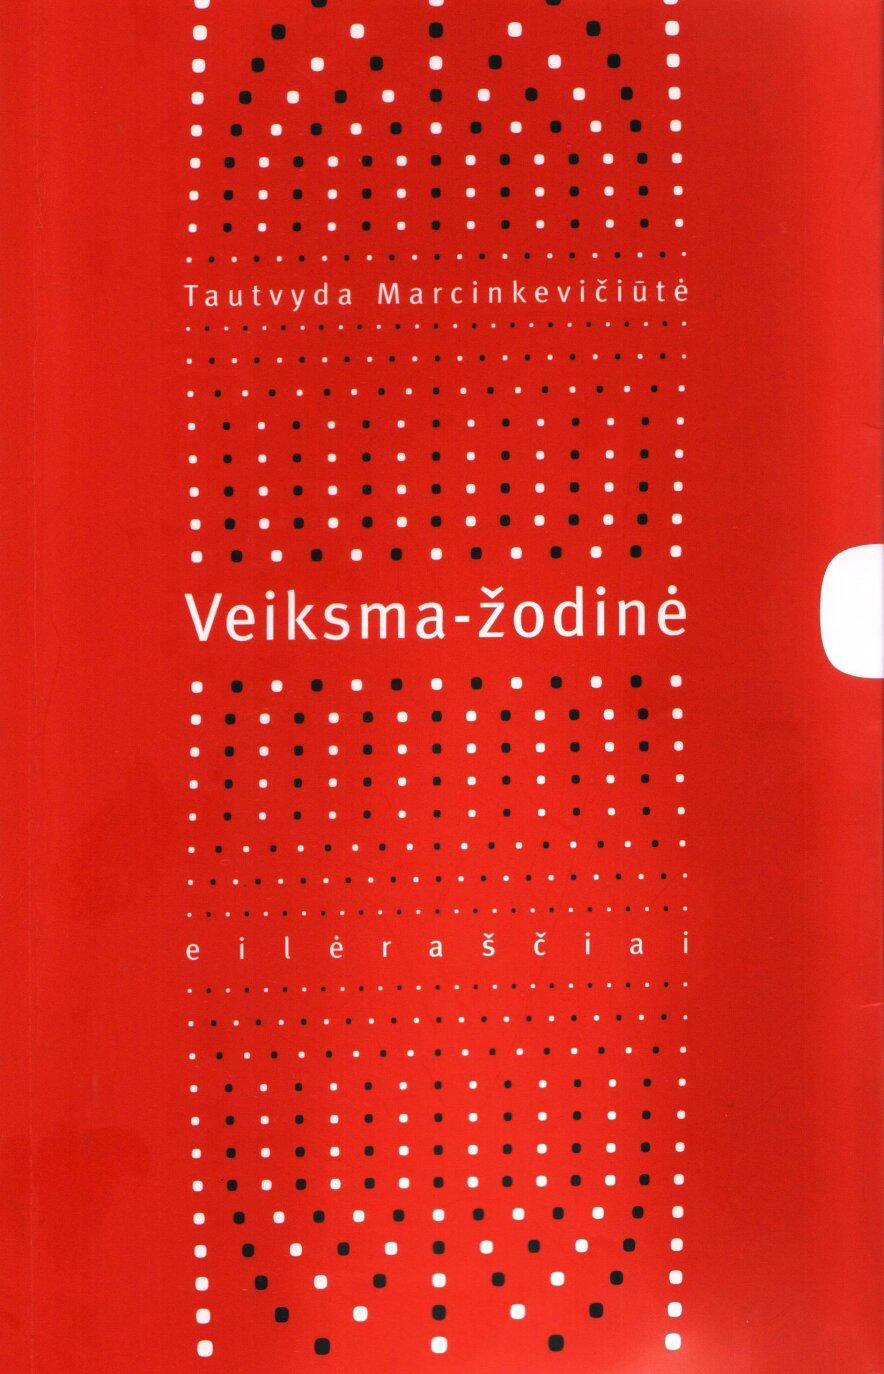 """T. Marcinkevičiūtės knygos """"Veiksma-žodinė"""" sutiktuvės"""